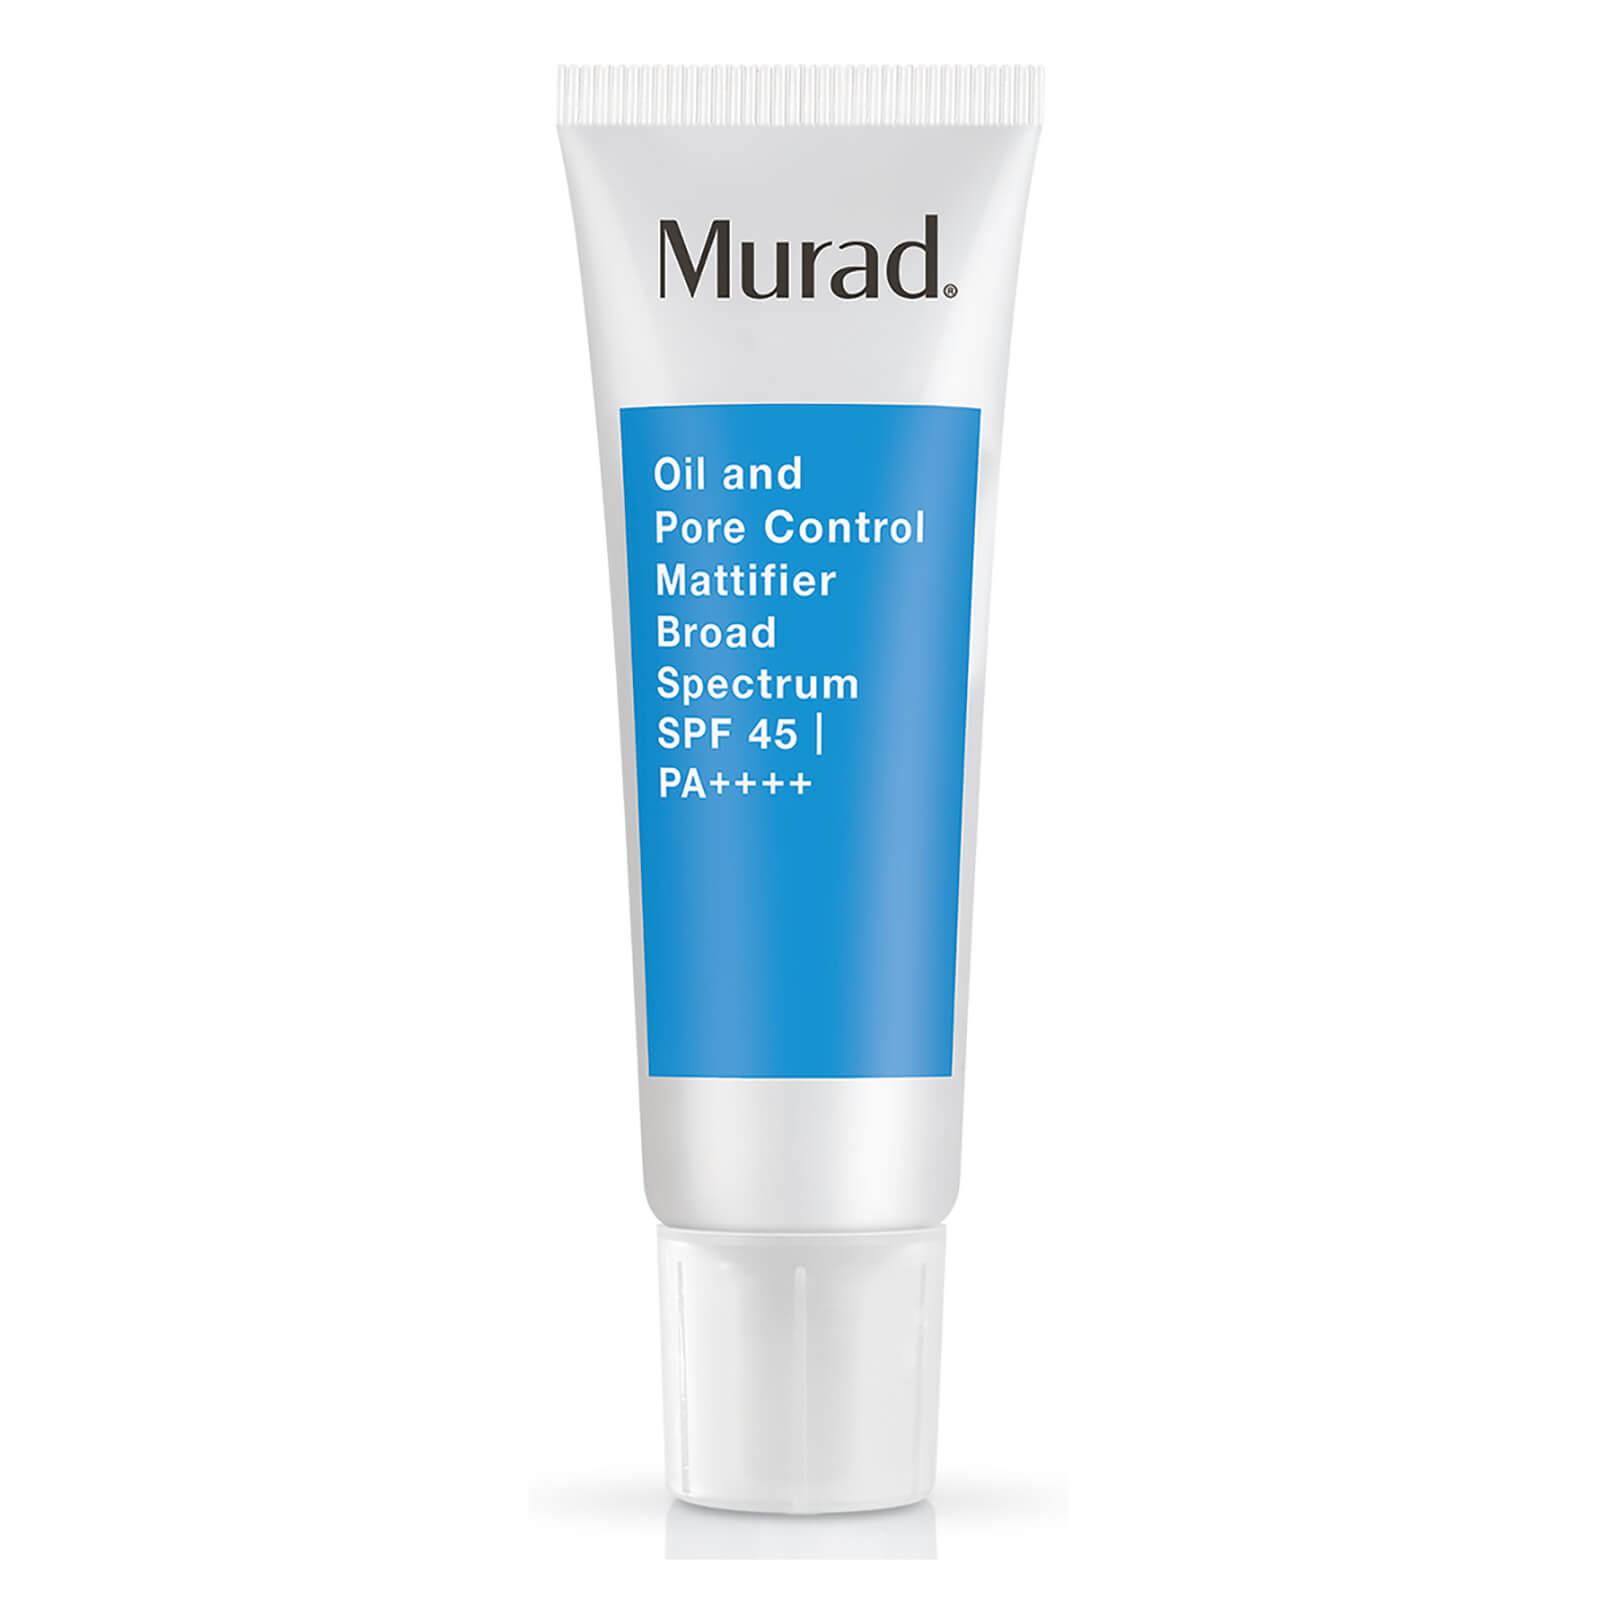 Murad Oil and Pore Control Mattifier SPF45 PA 50ml